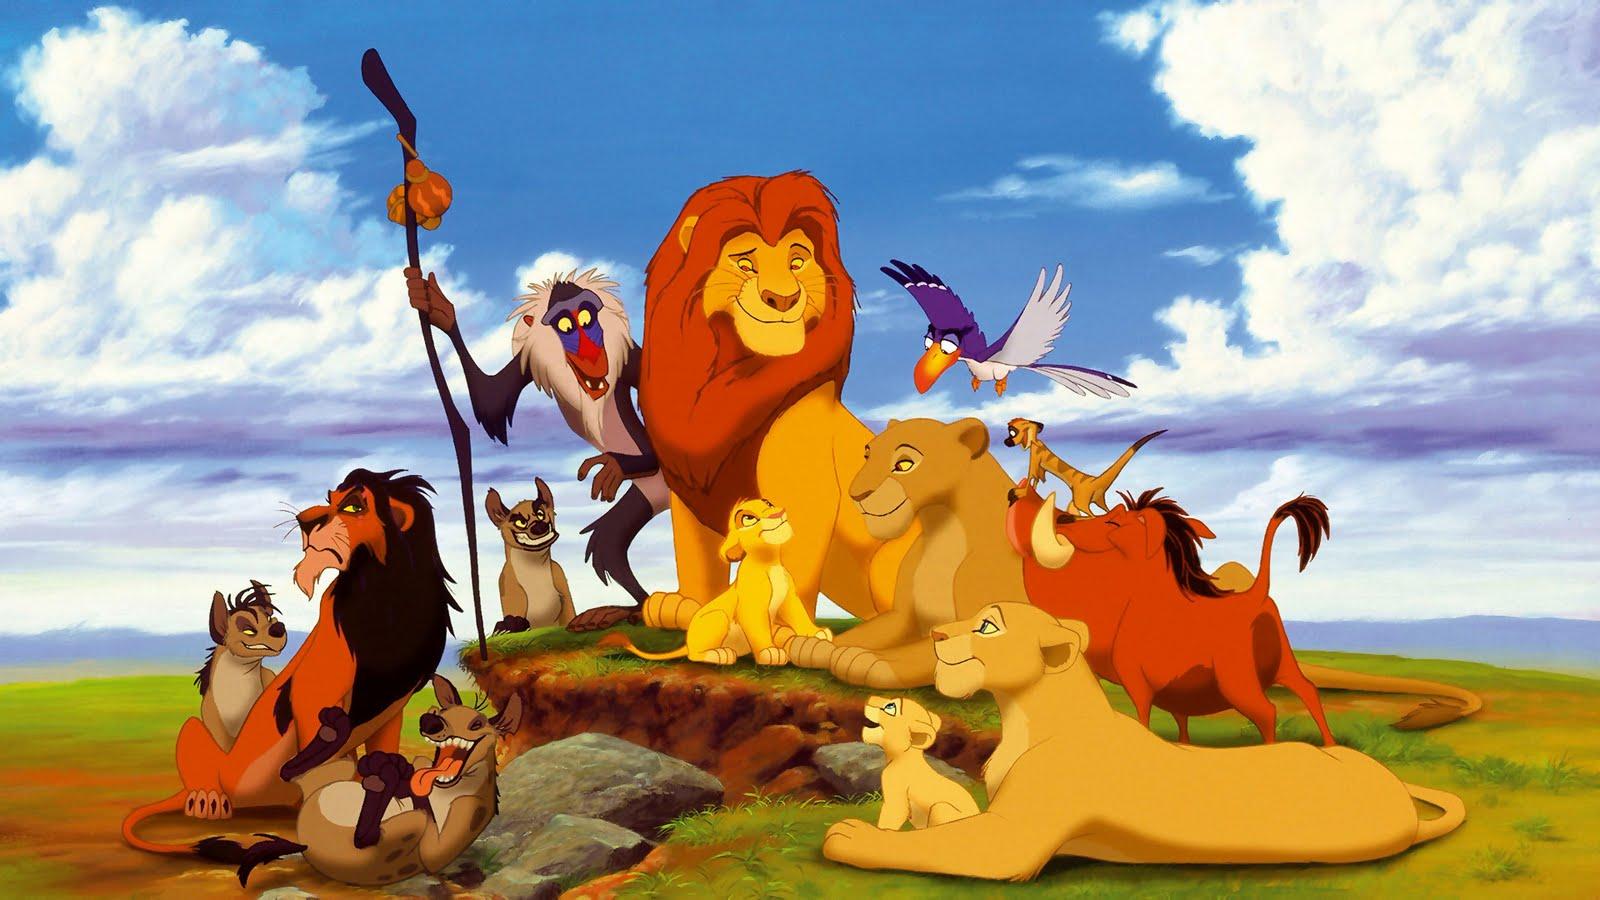 король лев картинки из мультфильма